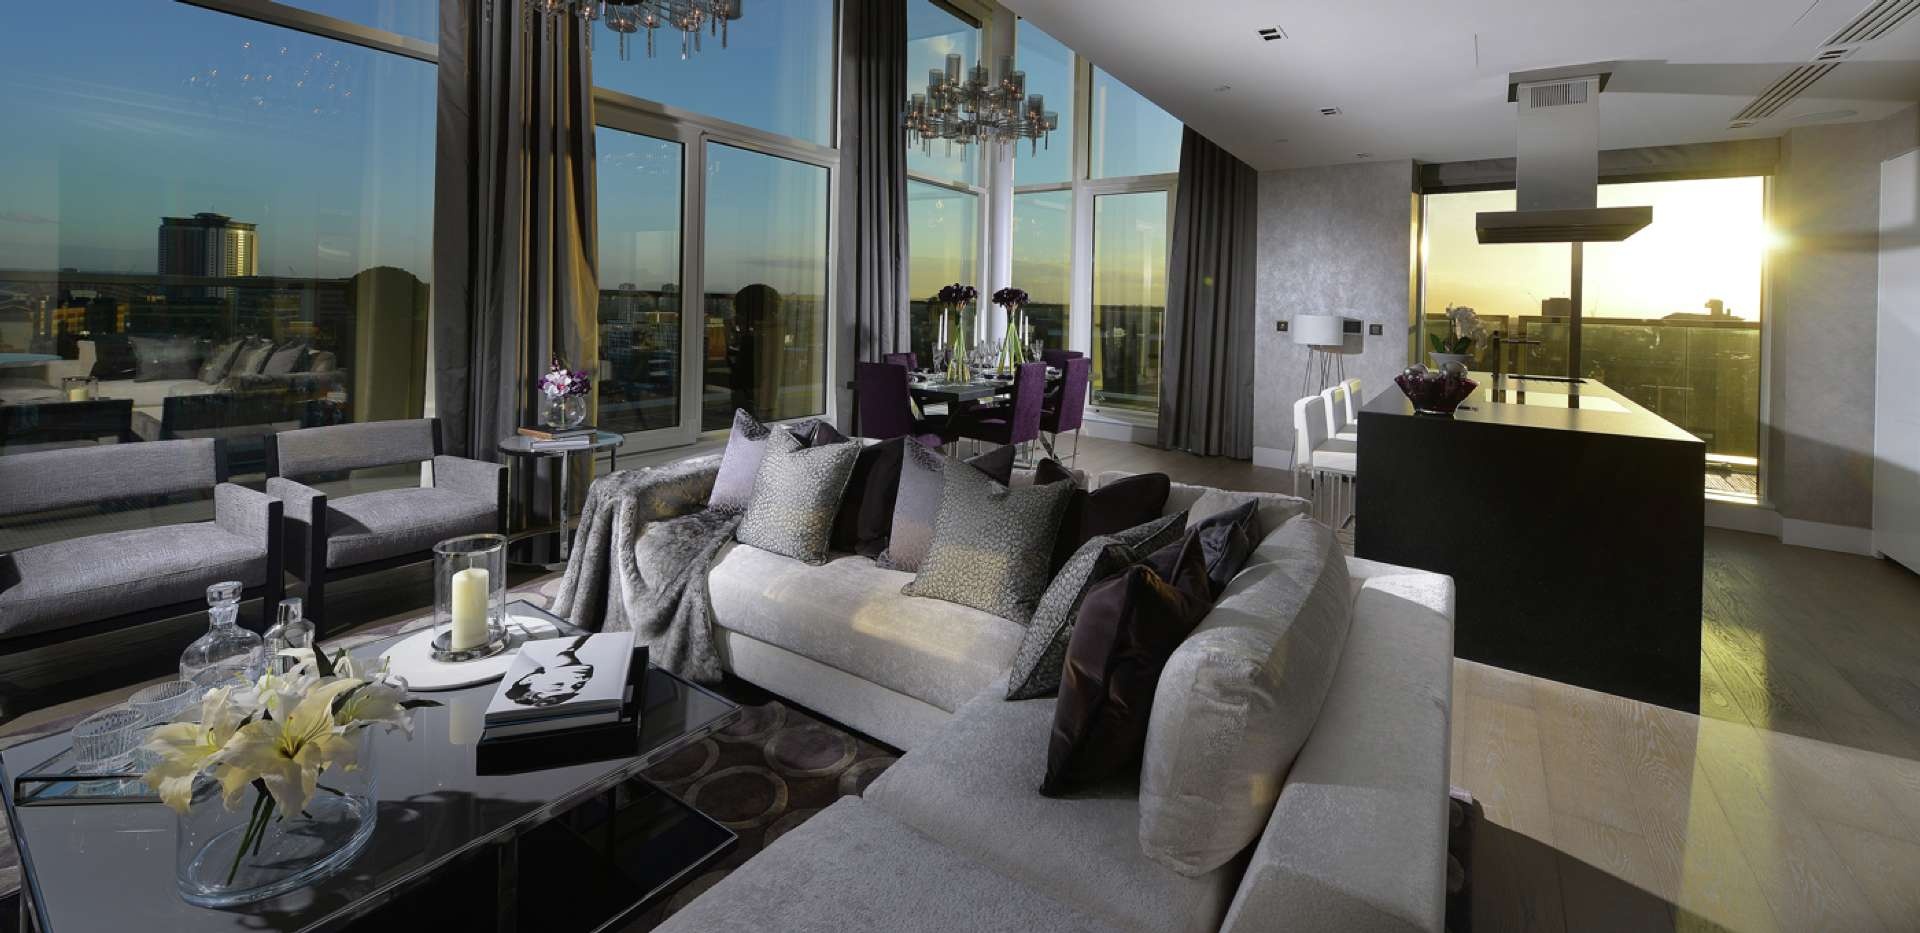 375 kensington high street penthouse 1 may 2014